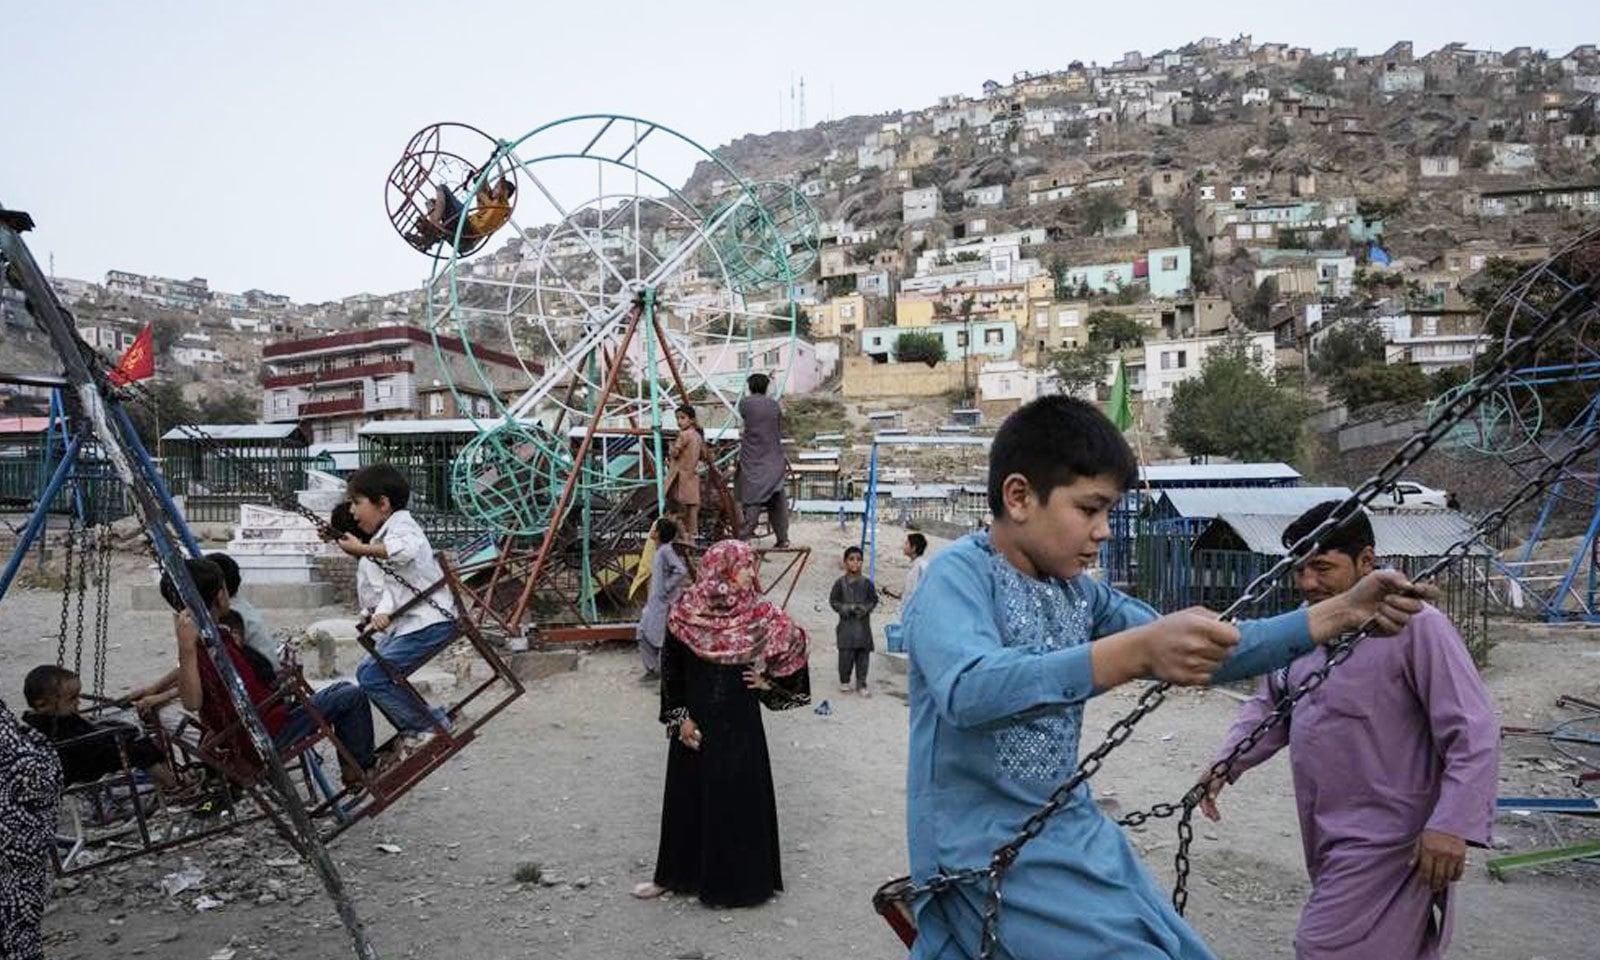 بچے کابل کے پارک میں 10 ستمبر کو محظوظ ہوتے ہوئے—فوٹو: اے پی